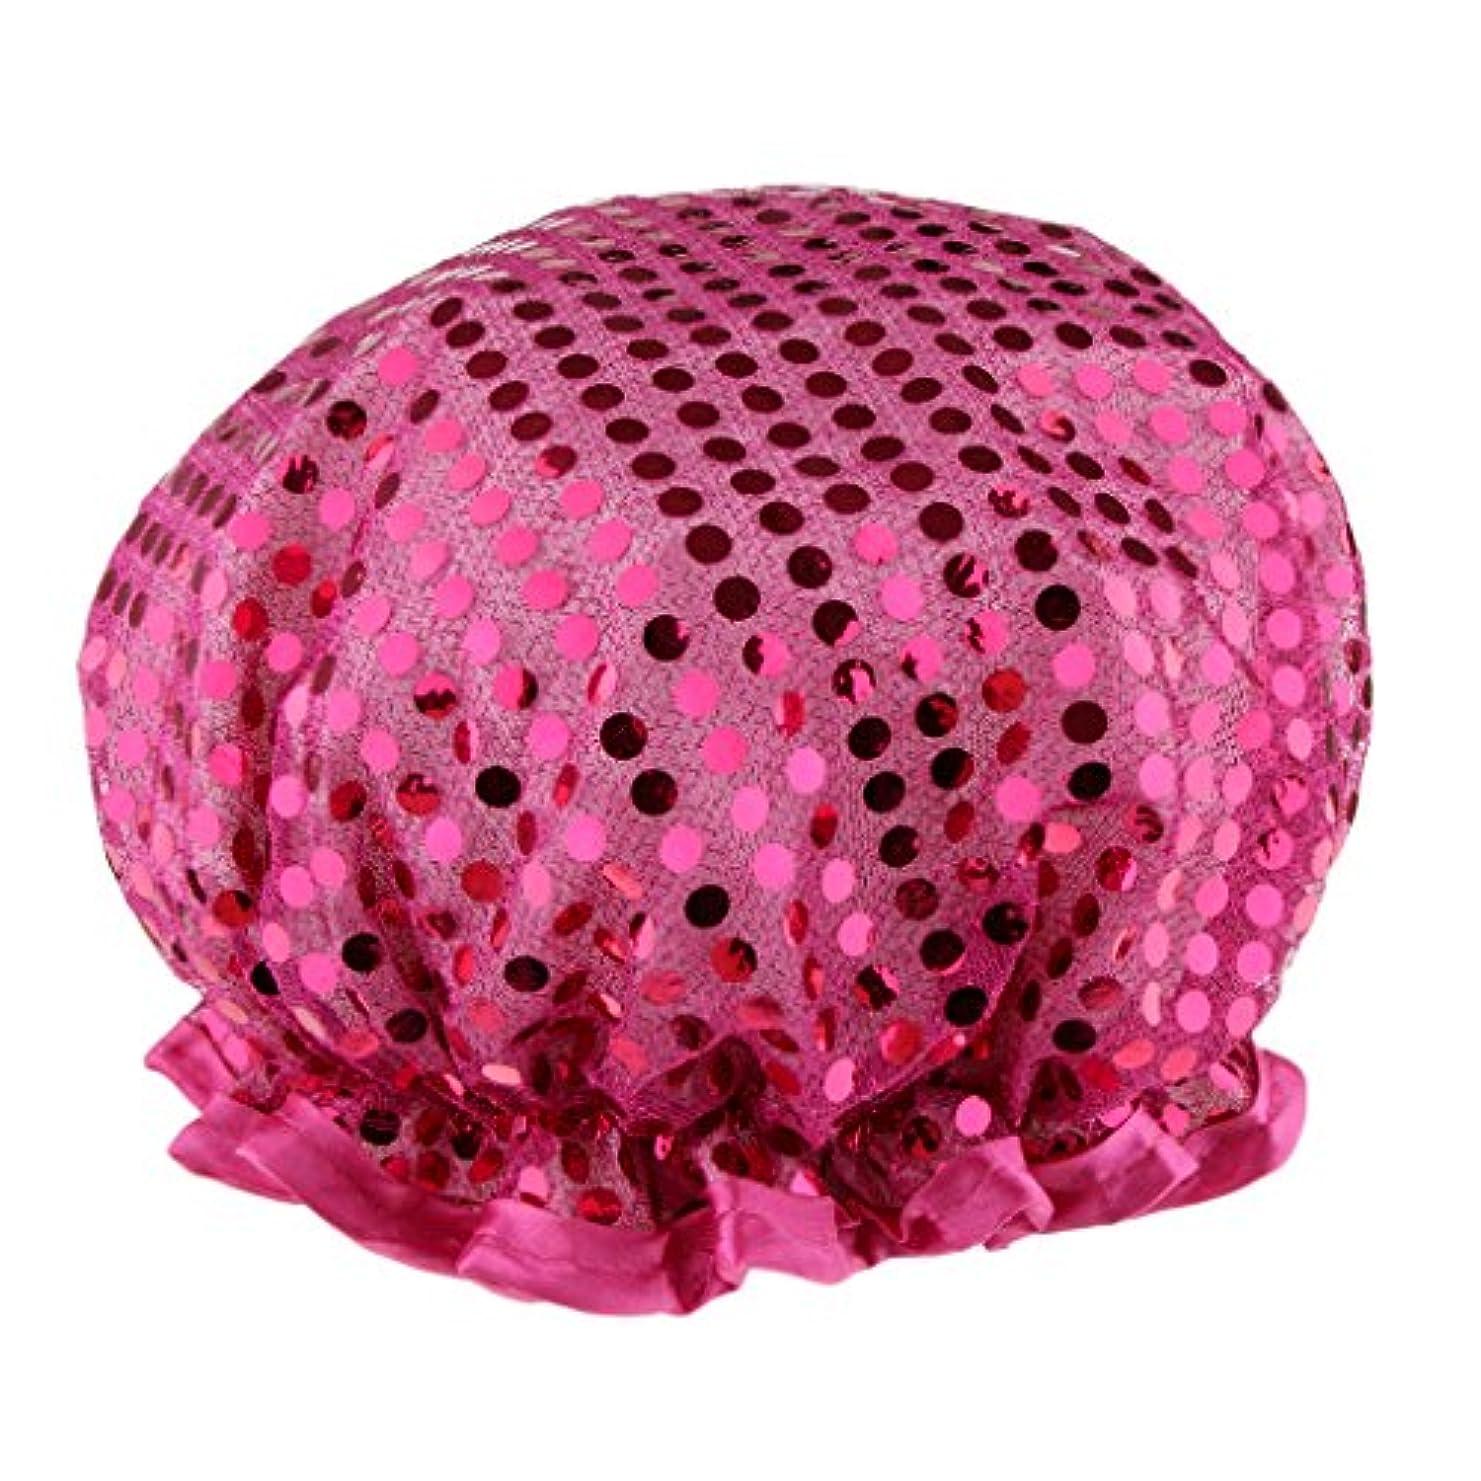 親密なくるみ和シャワーキャップ バスキャップ 入浴帽子 温泉 SPA シャワー 料理 ヘアマスク 女性用 耐久性 3色選べる - 紫